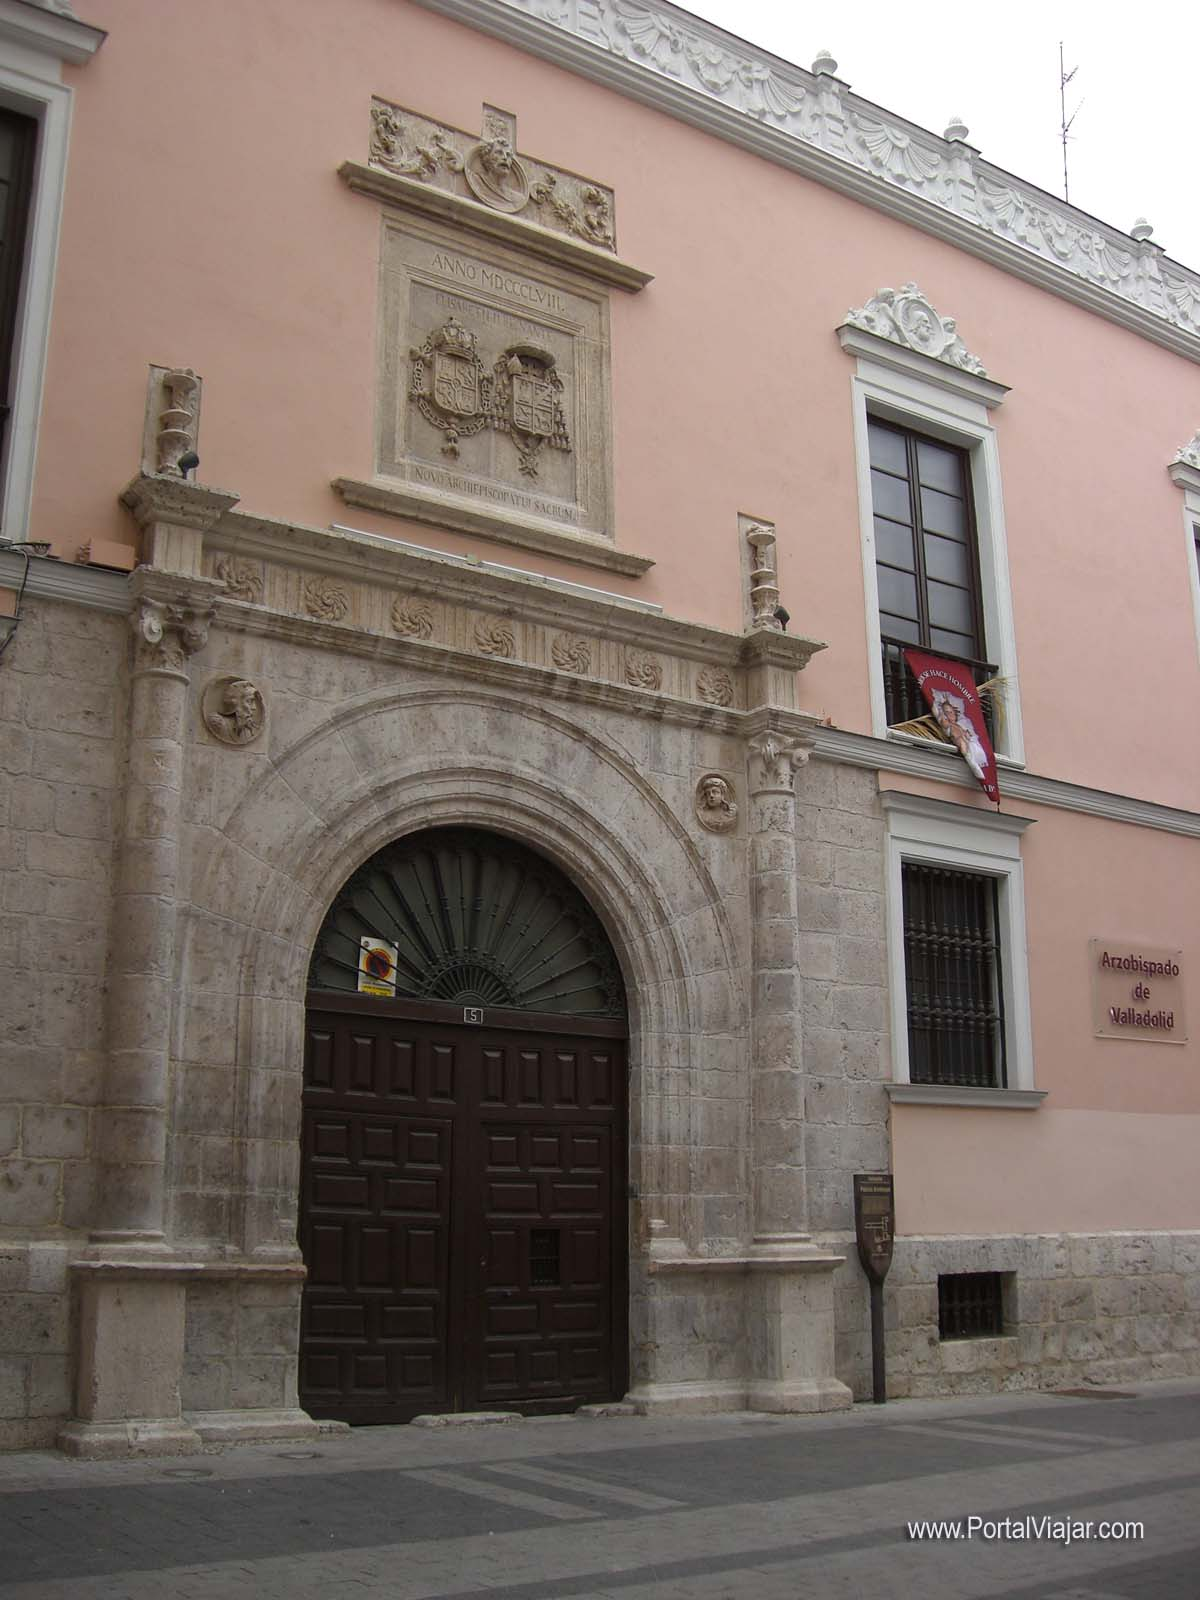 Palacio Arzobispal (Valladolid)